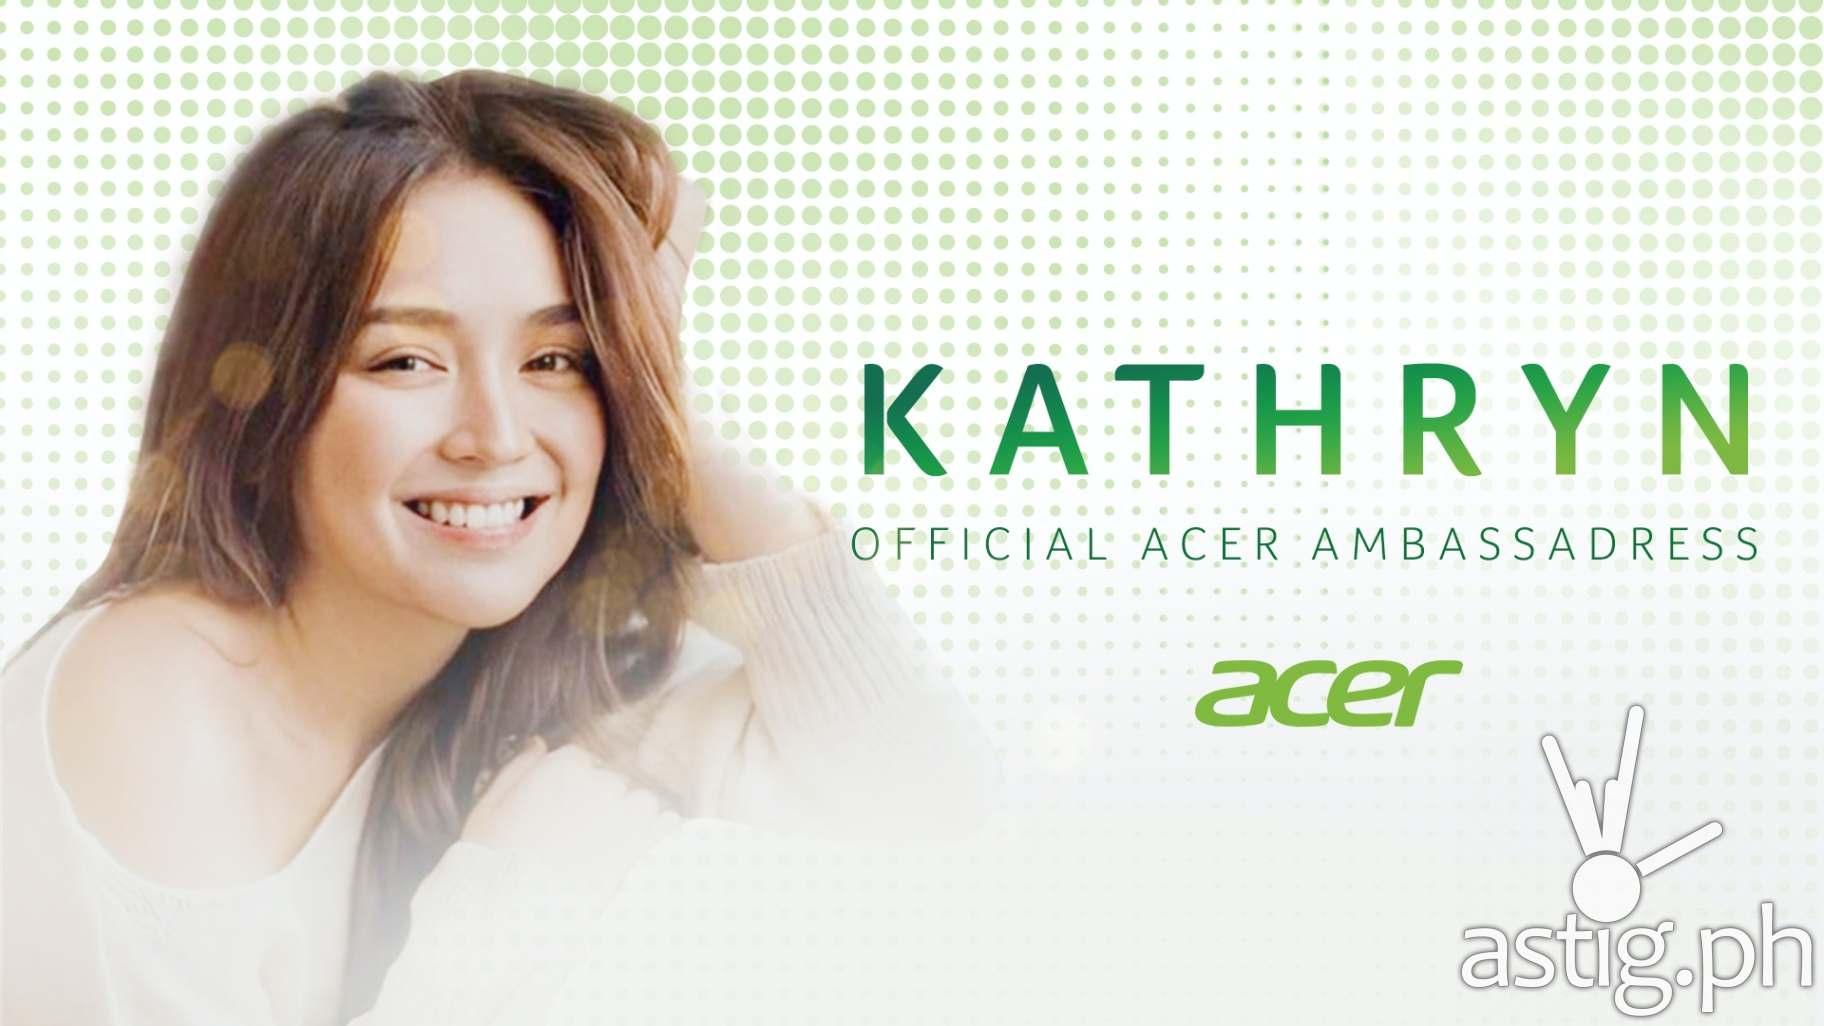 Kathryn Bernardo is the new member of the Acer family